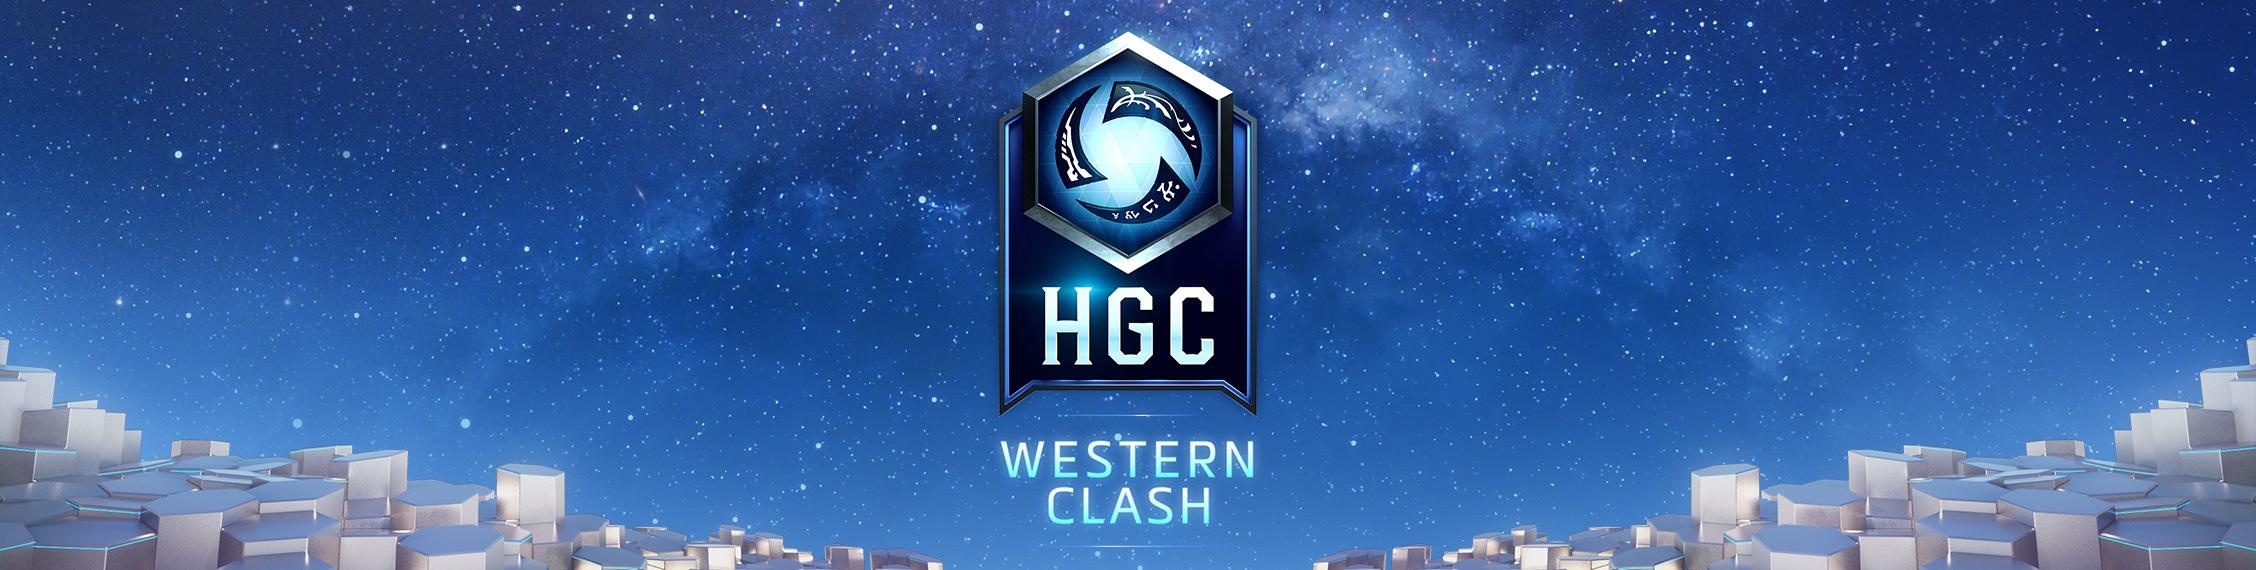 Западная Стычка HGC